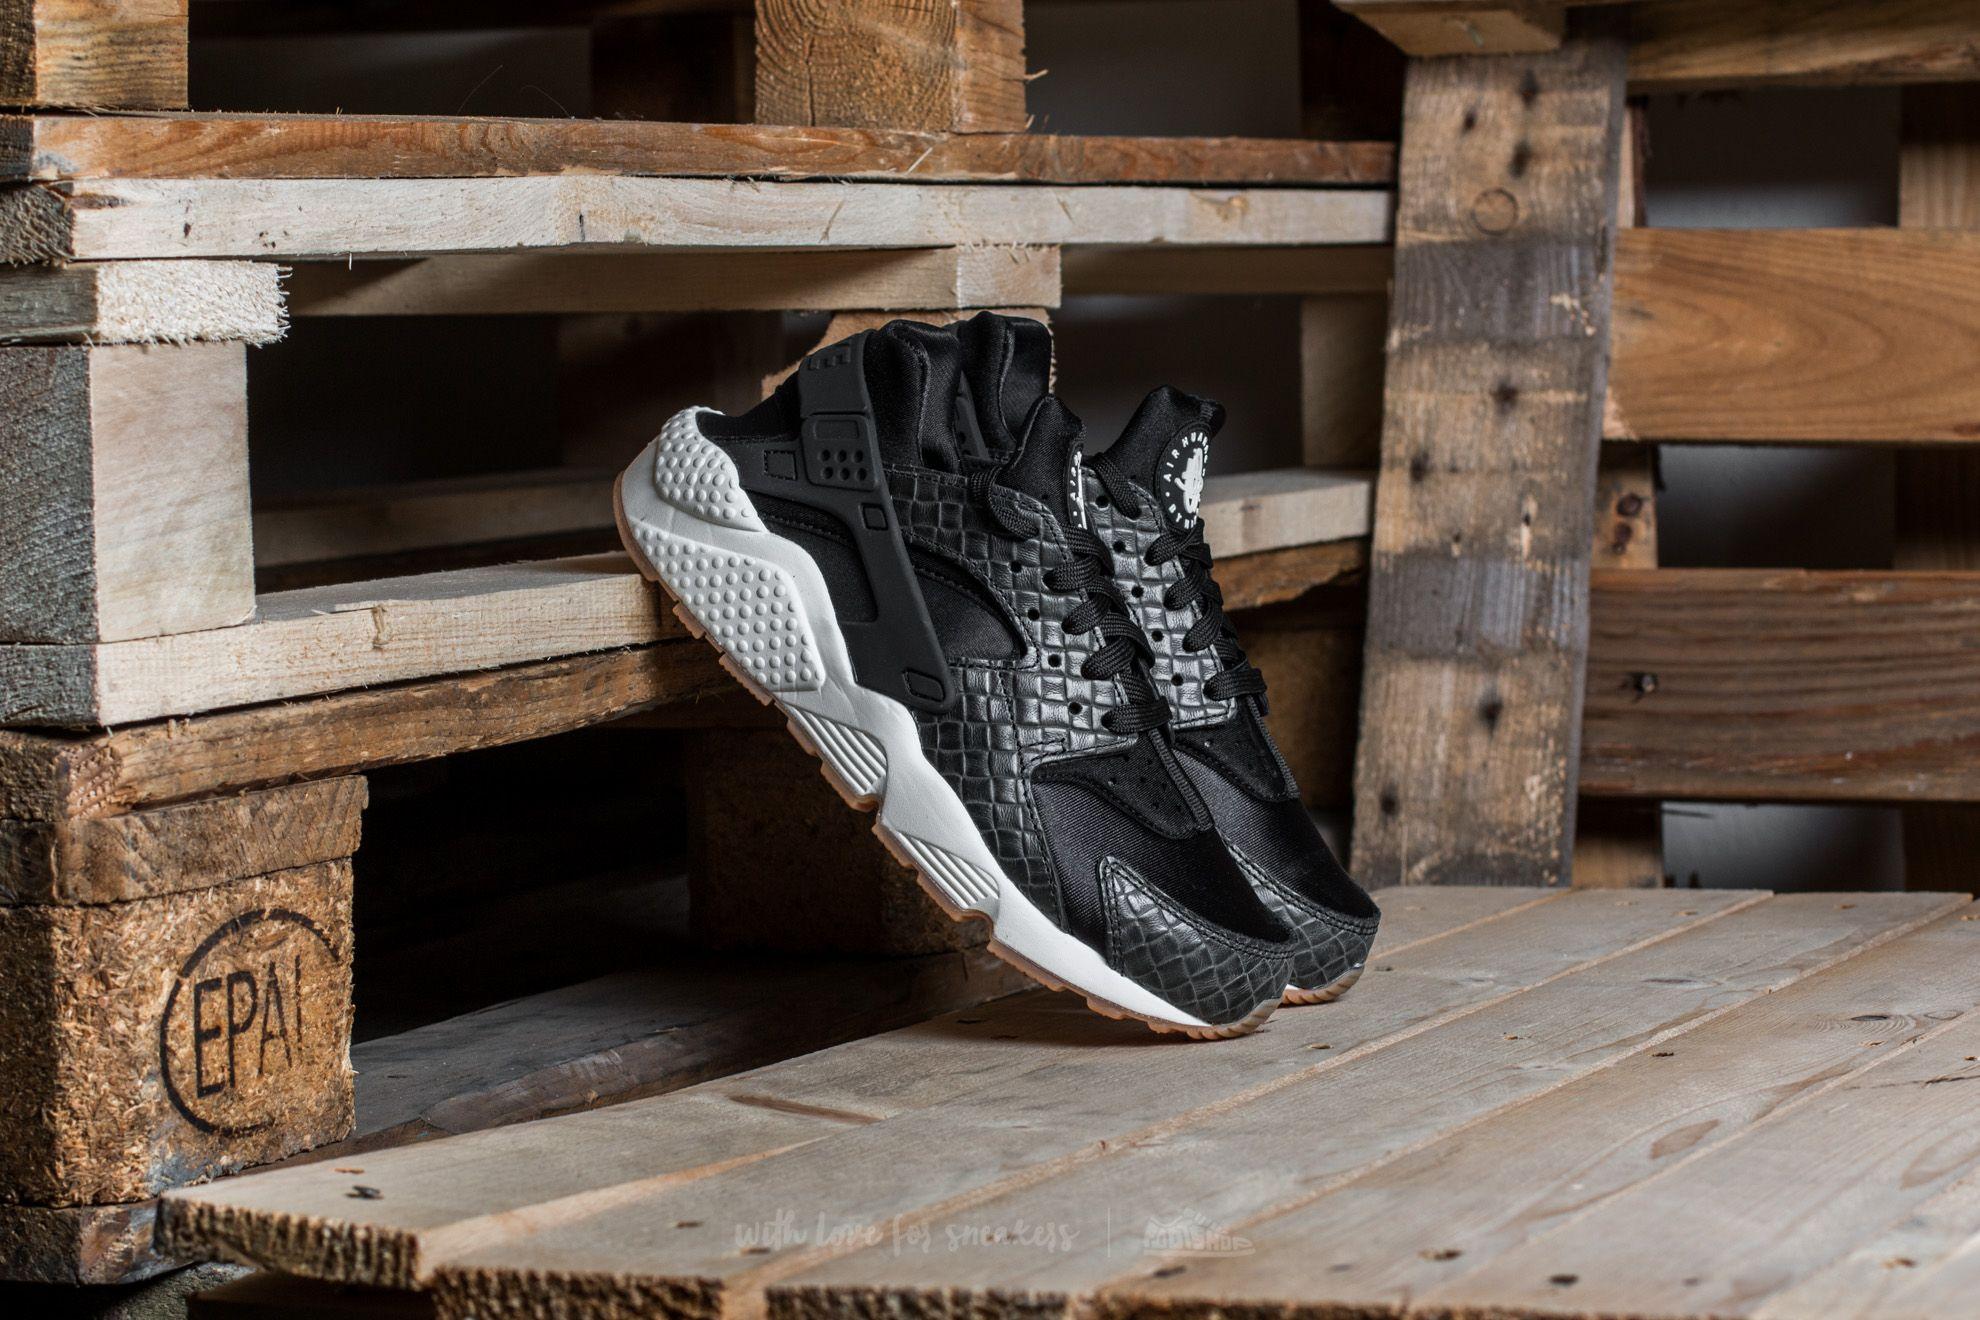 d8c43bf612e3 Nike Wmns Air Huarache Run Premium. Black  Black-Sail-Gum Medium Brown